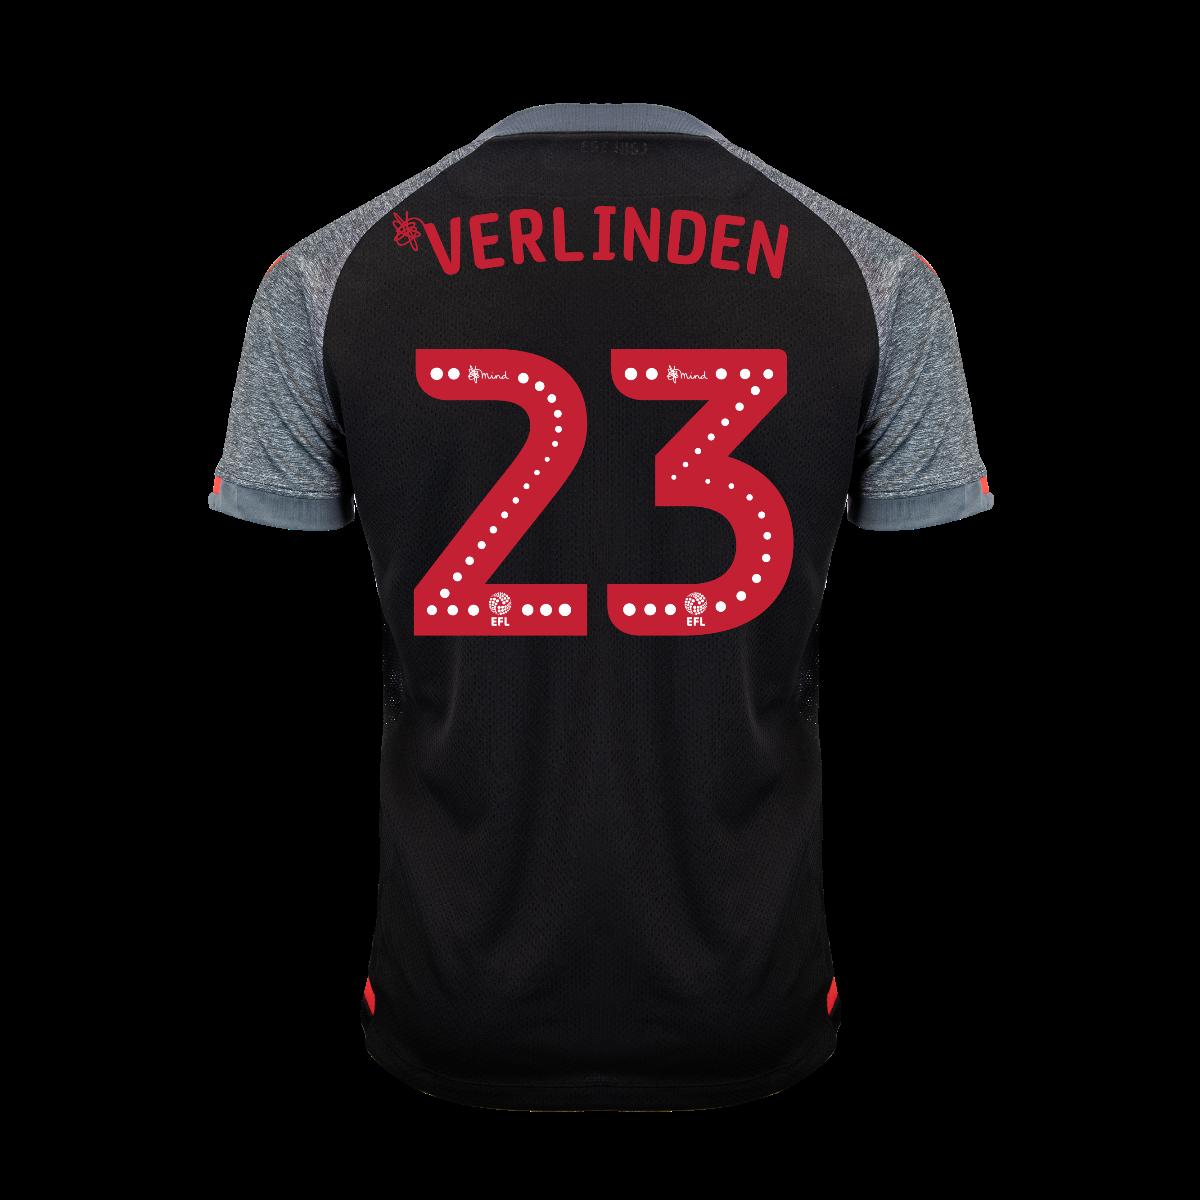 2019/20 Junior Away SS Shirt - Verlinden